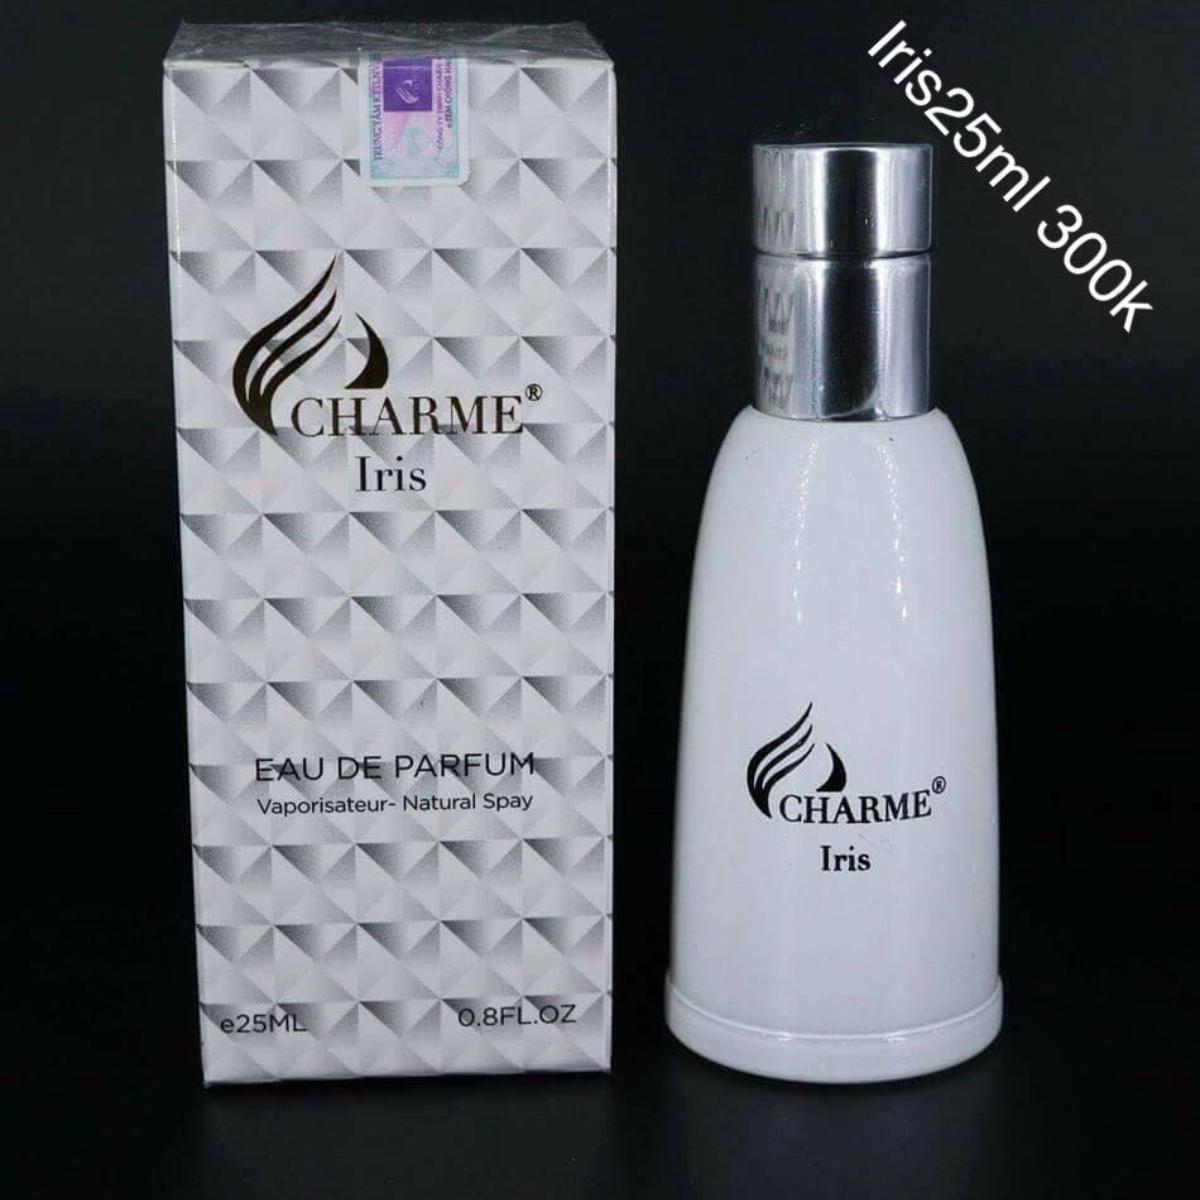 Nước hoa charme Perfume tinh dầu nhập khẩu Pháp đang gây sốt